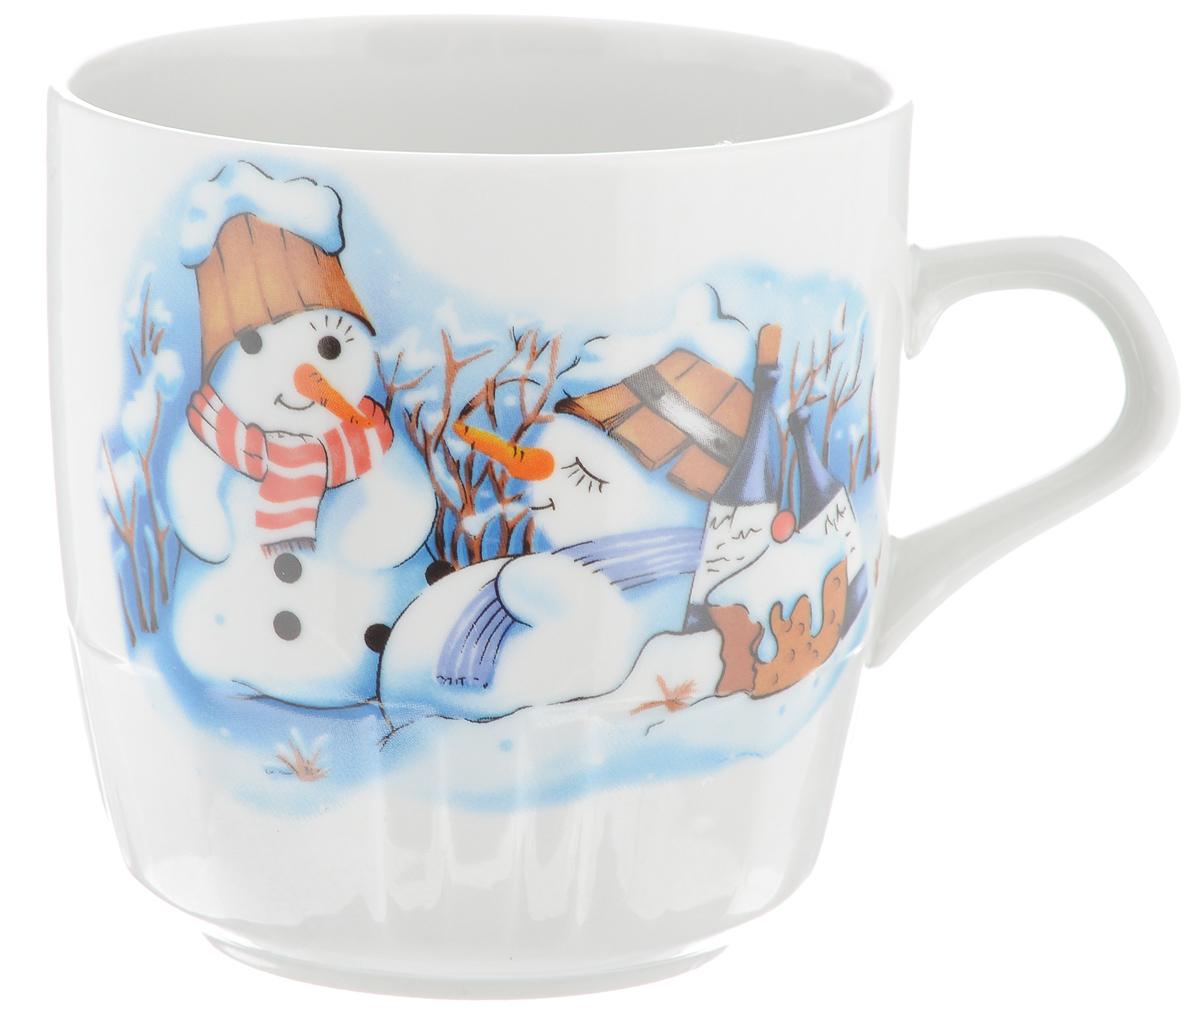 Кружка Фарфор Вербилок Снеговики, 250 мл5812140Красивая кружка Фарфор Вербилок Снеговики способна скрасить любое чаепитие. Изделие выполнено из высококачественного фарфора и украшена рисунком. Посуда из такого материала позволяет сохранить истинный вкус напитка, а также помогает ему дольше оставаться теплым.Объем кружки: 250 мл.Диаметр по верхнему краю: 8 см.Диаметр основания: 5,2 см.Высота кружки: 8,5 см.